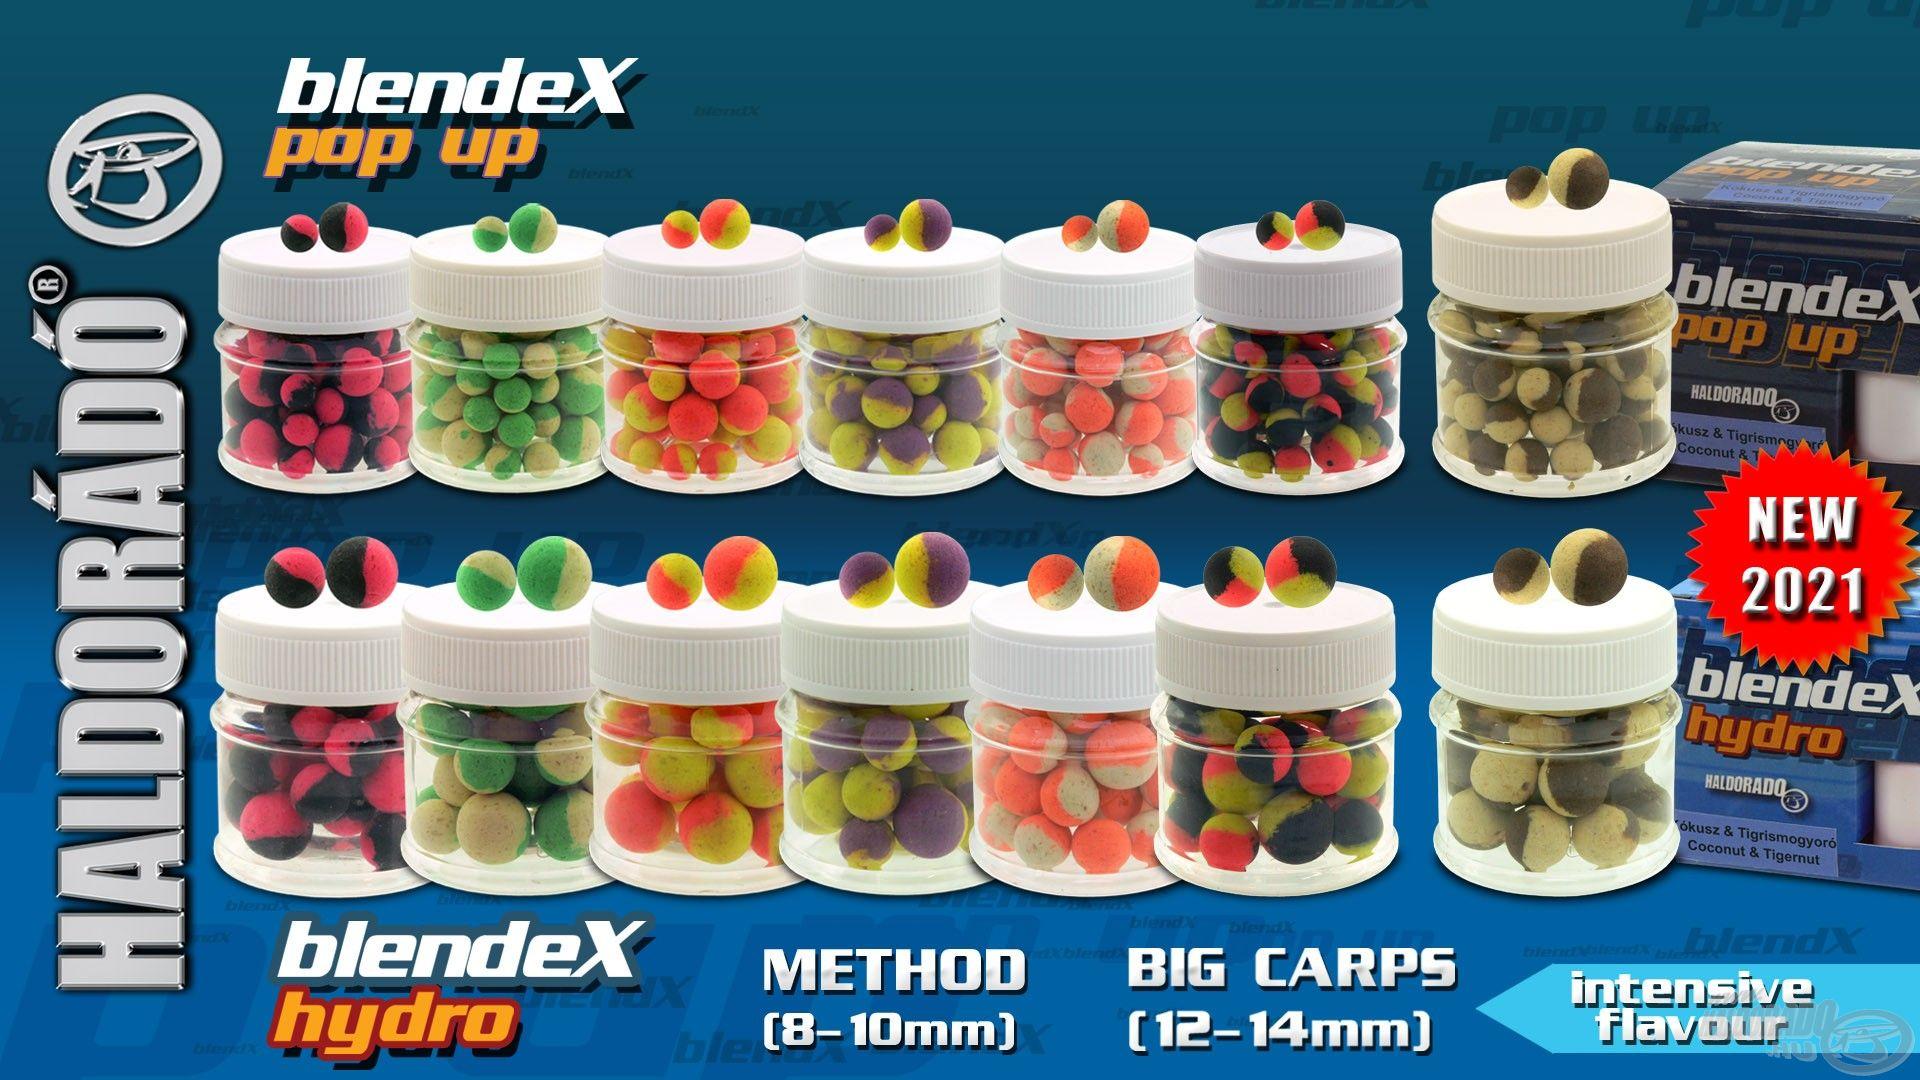 A BlendeX Pop Up és Hydro csalik sorozata is a Kókusz + Tigrismogyoró ízzel egészül ki